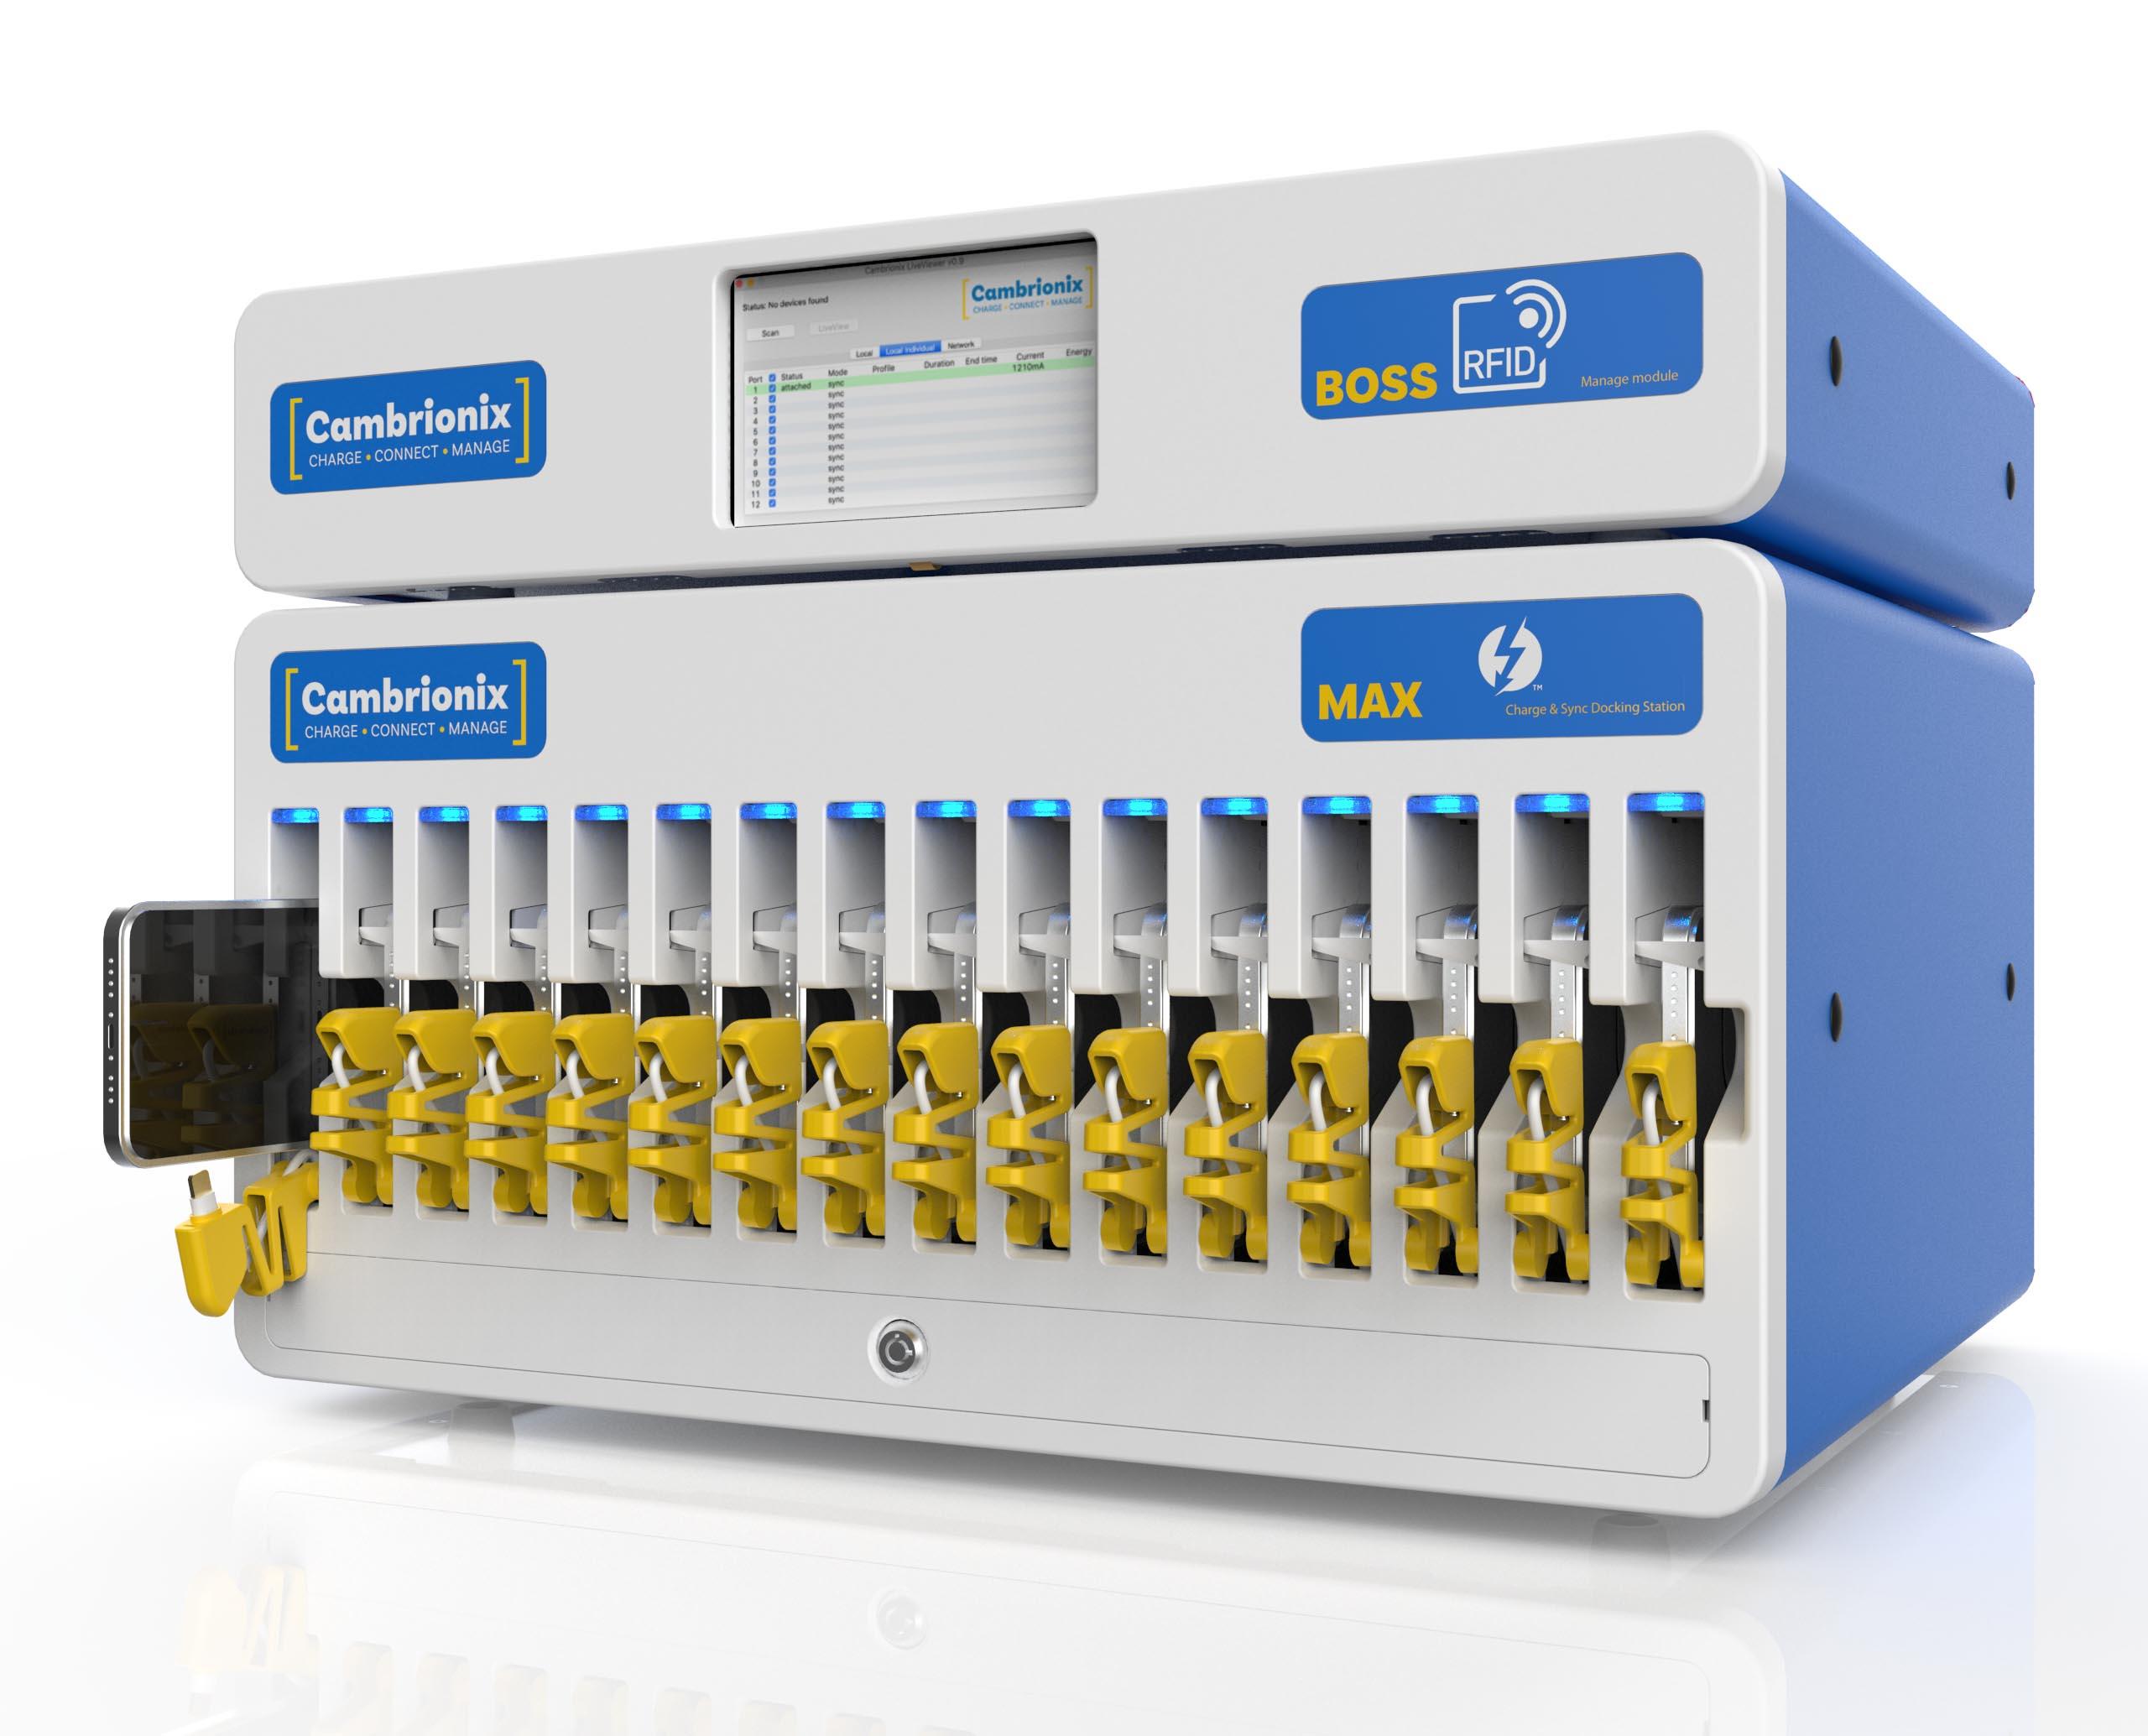 USB-hub-modular-smart-charging-docking-station